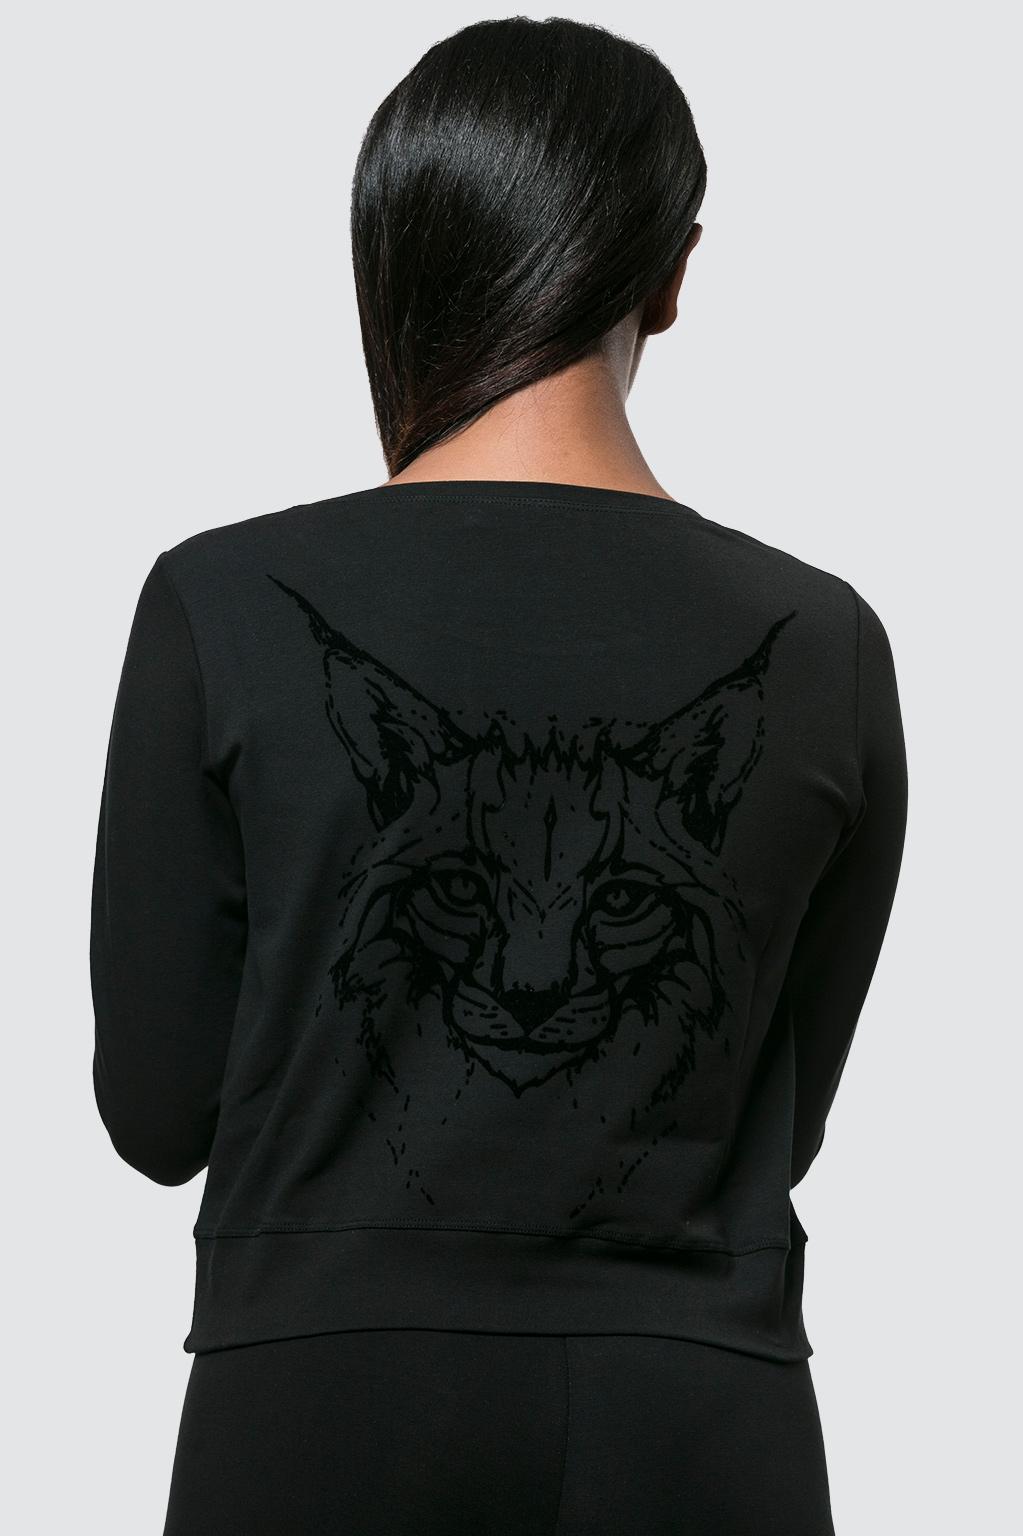 חולצת קטיפה בגזרת קרופ לנשים - שחור